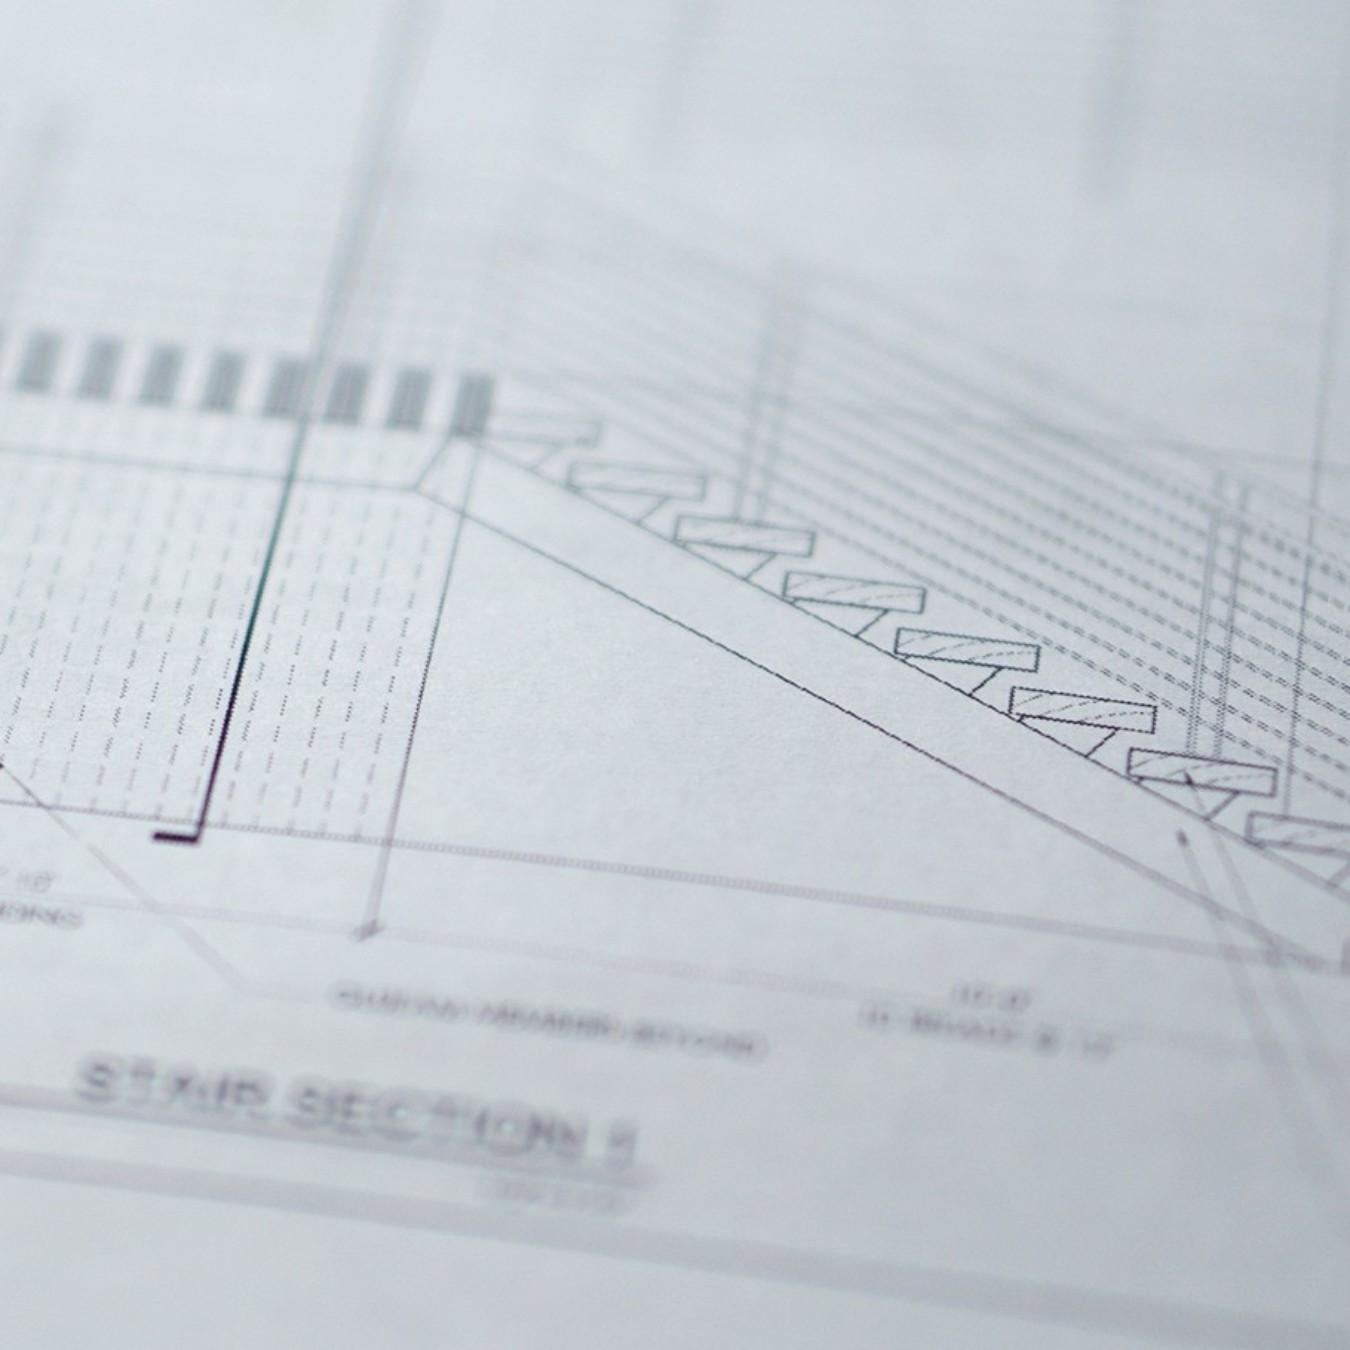 Linville blueprint1 170203 162910